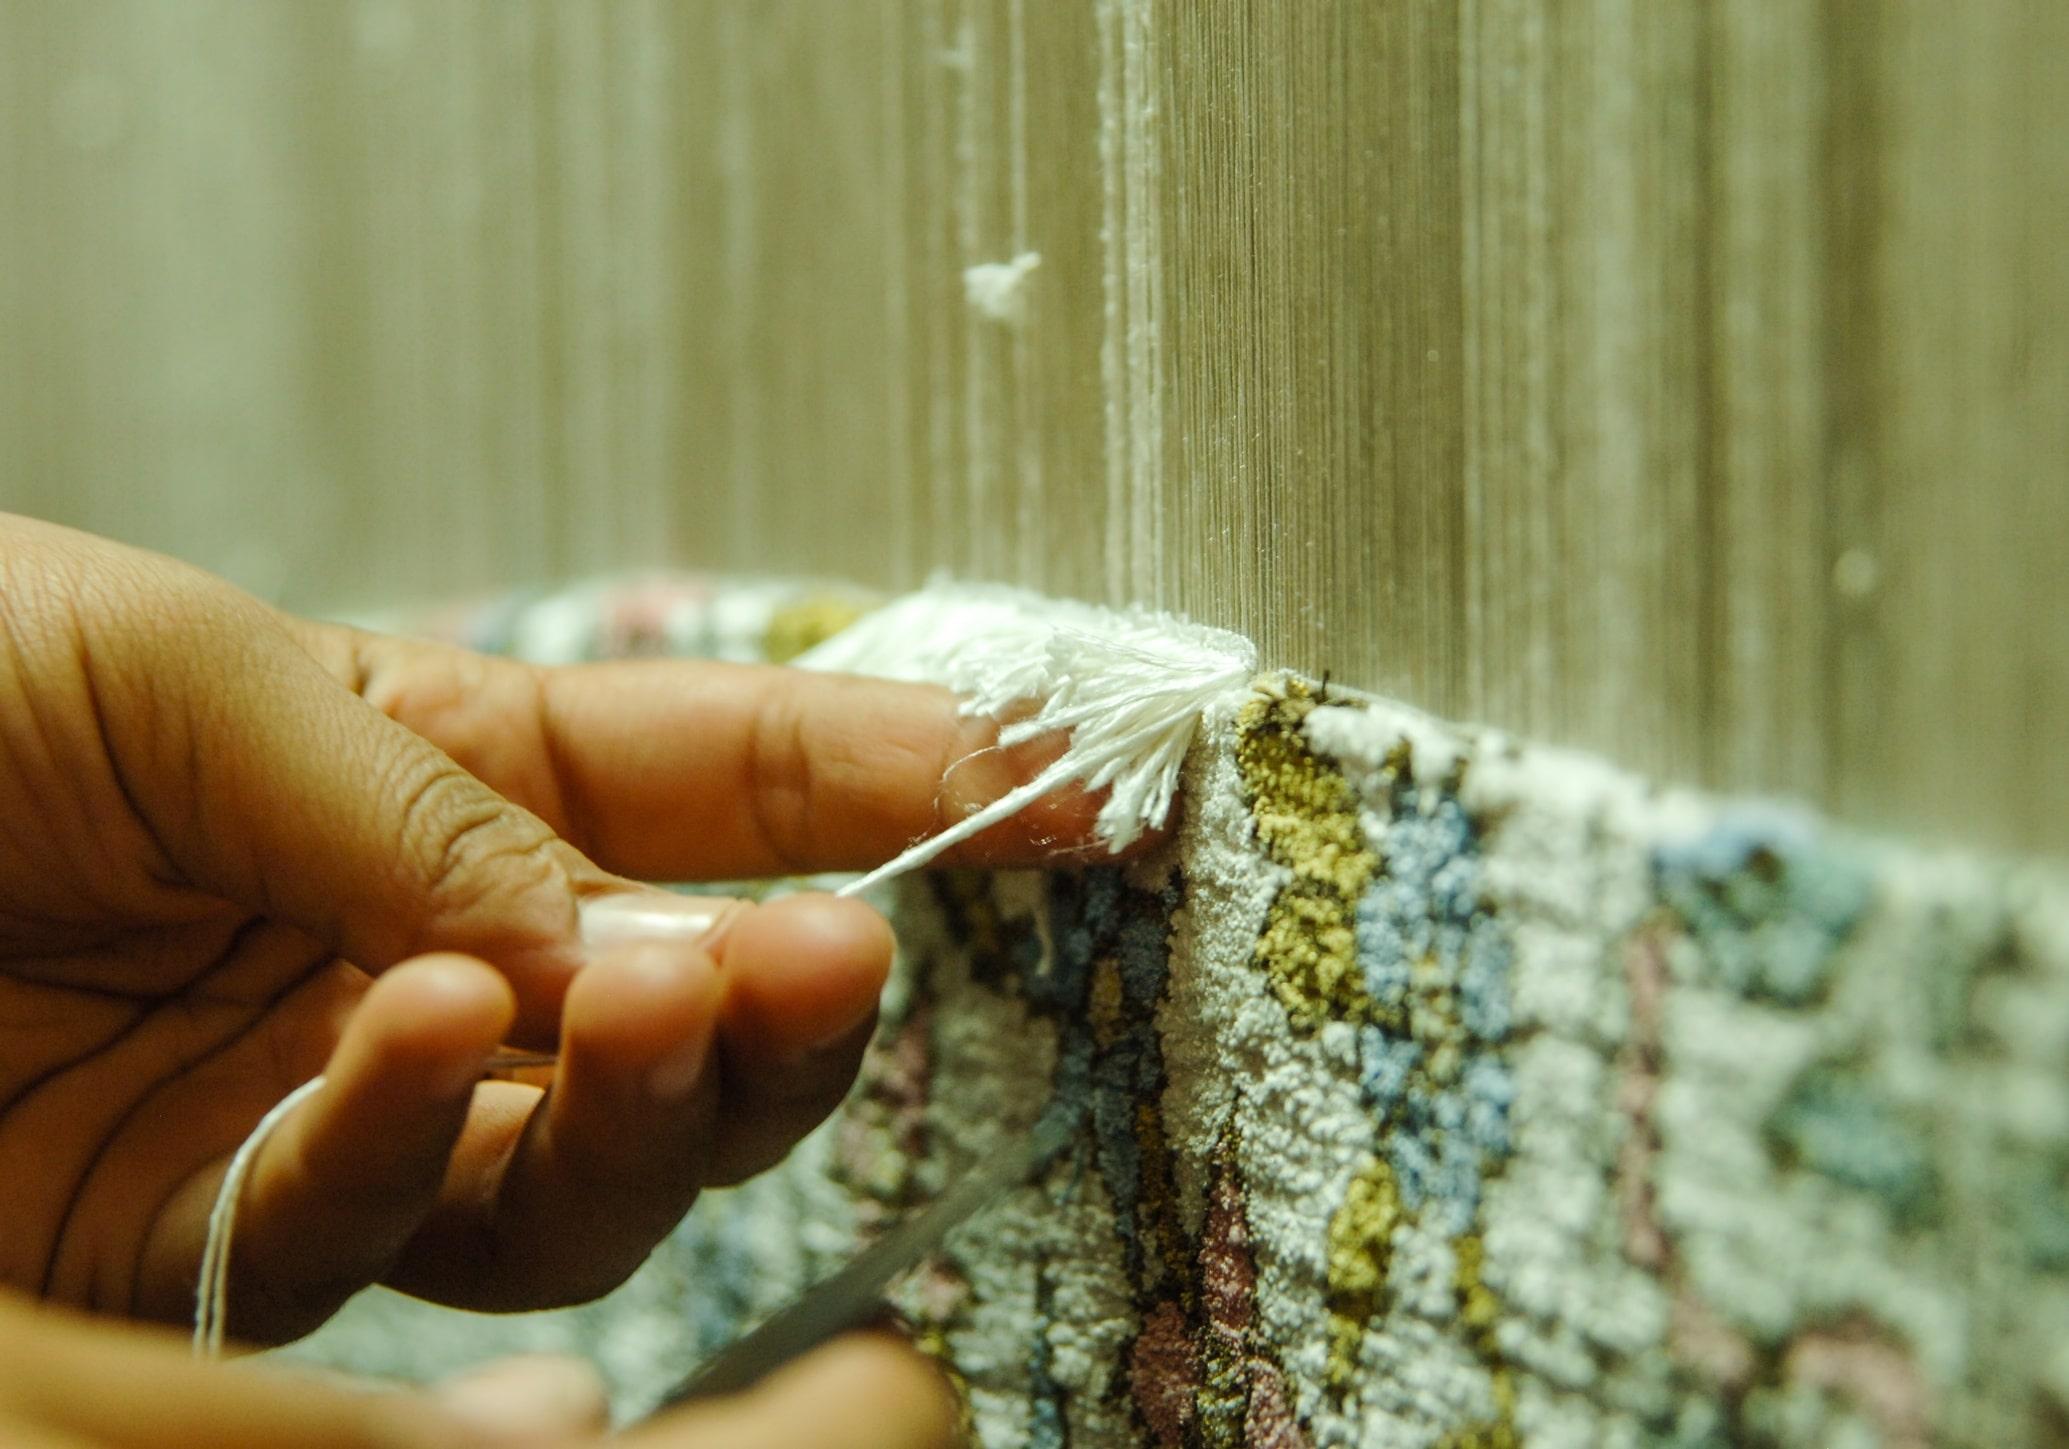 Handmade rugs, Handmade rugs vs Machine-knotted rugs, Ramezani London Rugs, Ramezani London Rugs